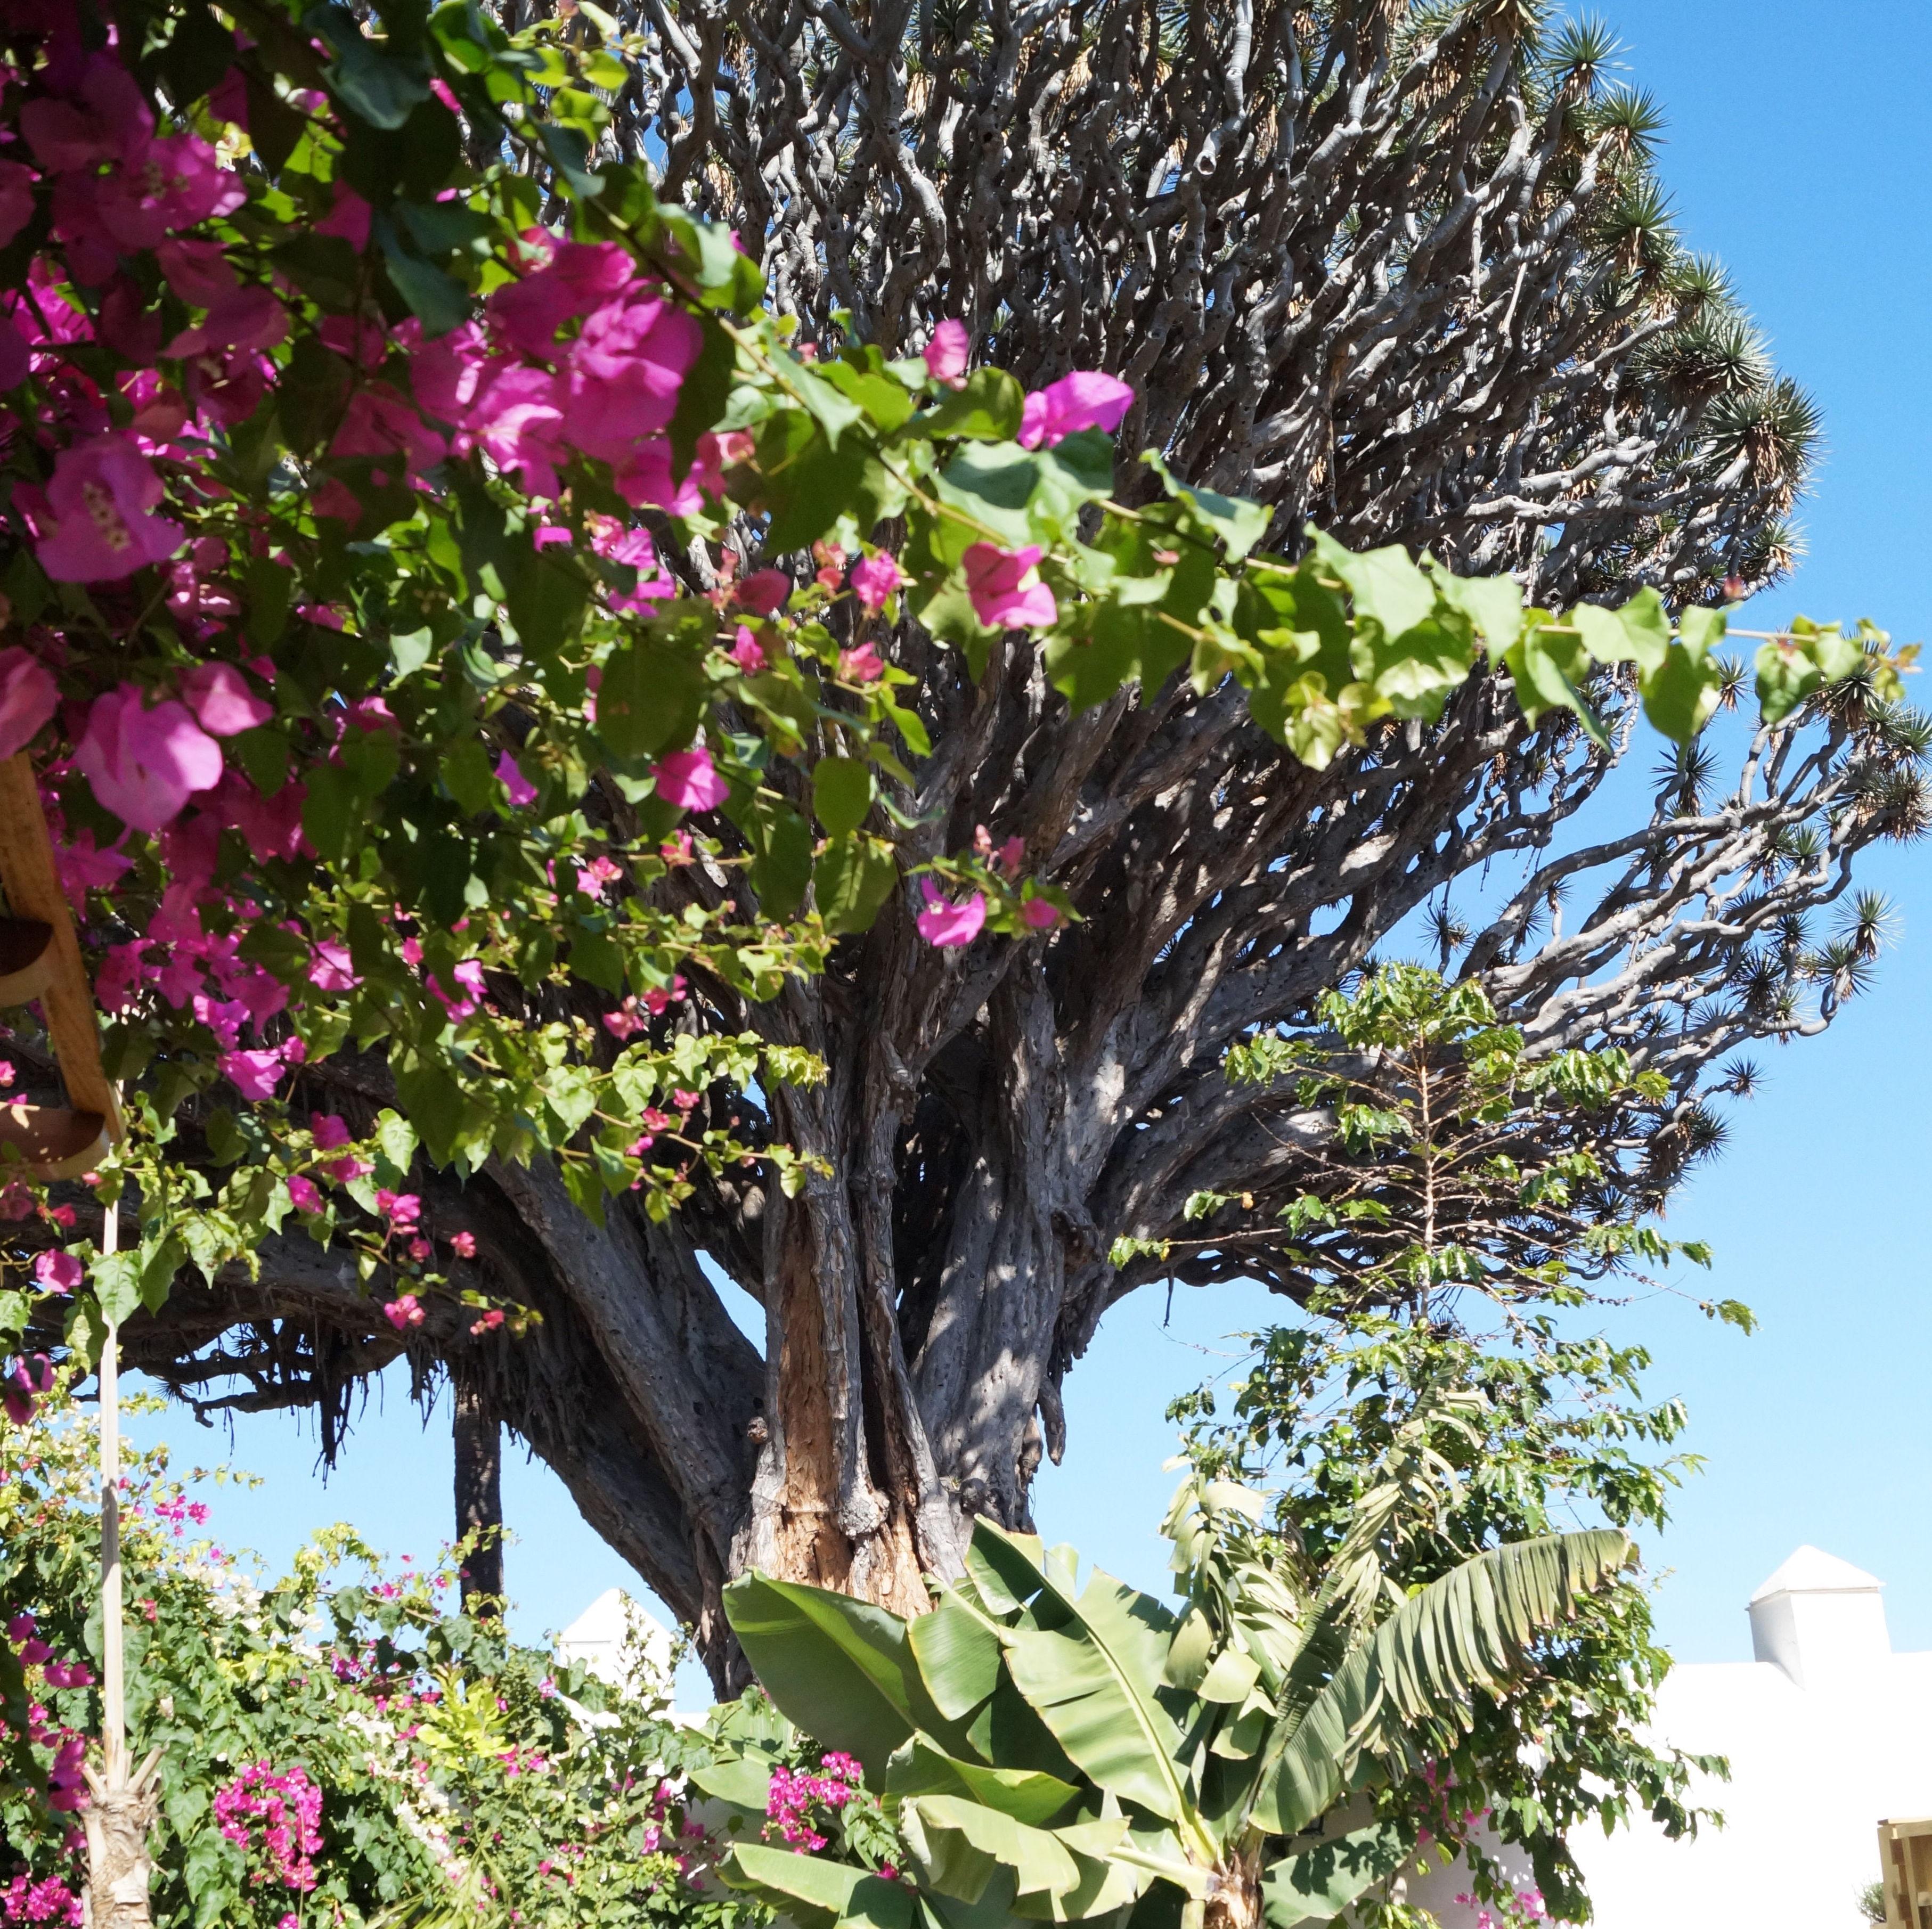 """Rincones mágicos bajo El  """"Padre Árbol de los Guanches"""" Símbolo Verde de Tenerife"""